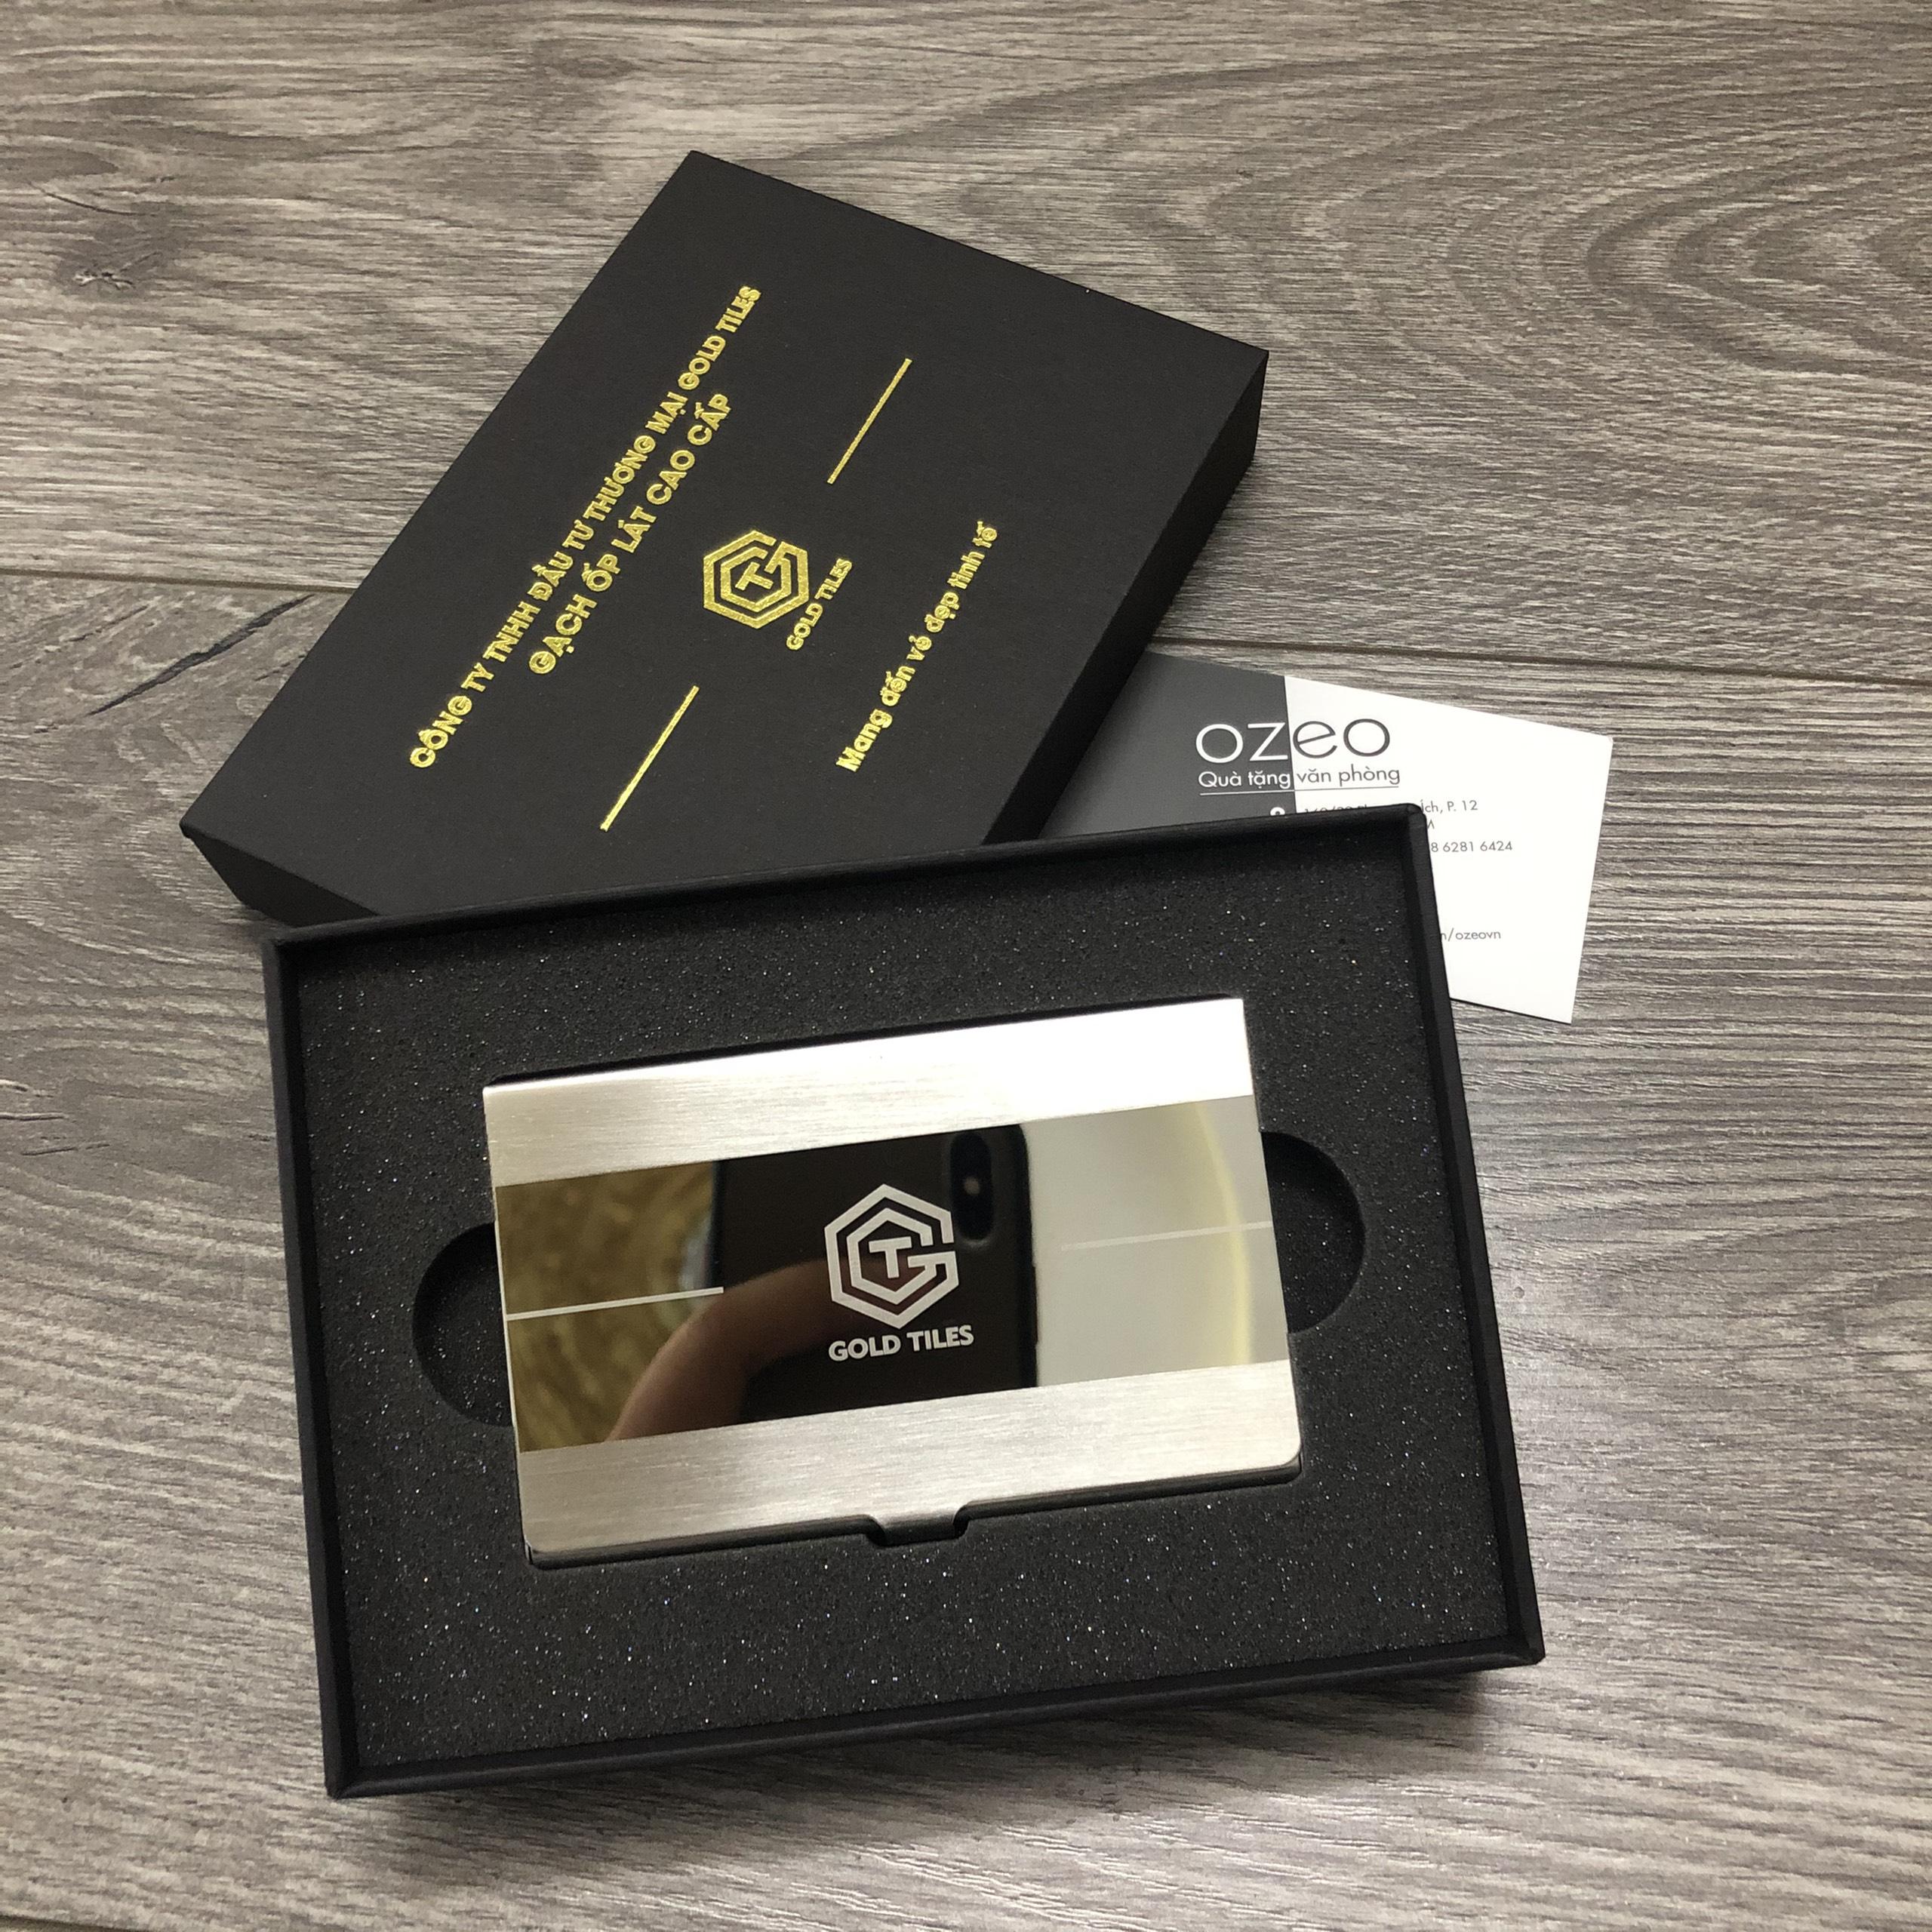 Hộp đựng danh thiếp NC063 khắc logo Công Ty TNHH Đầu Tư Thương Mại Gold Tiles